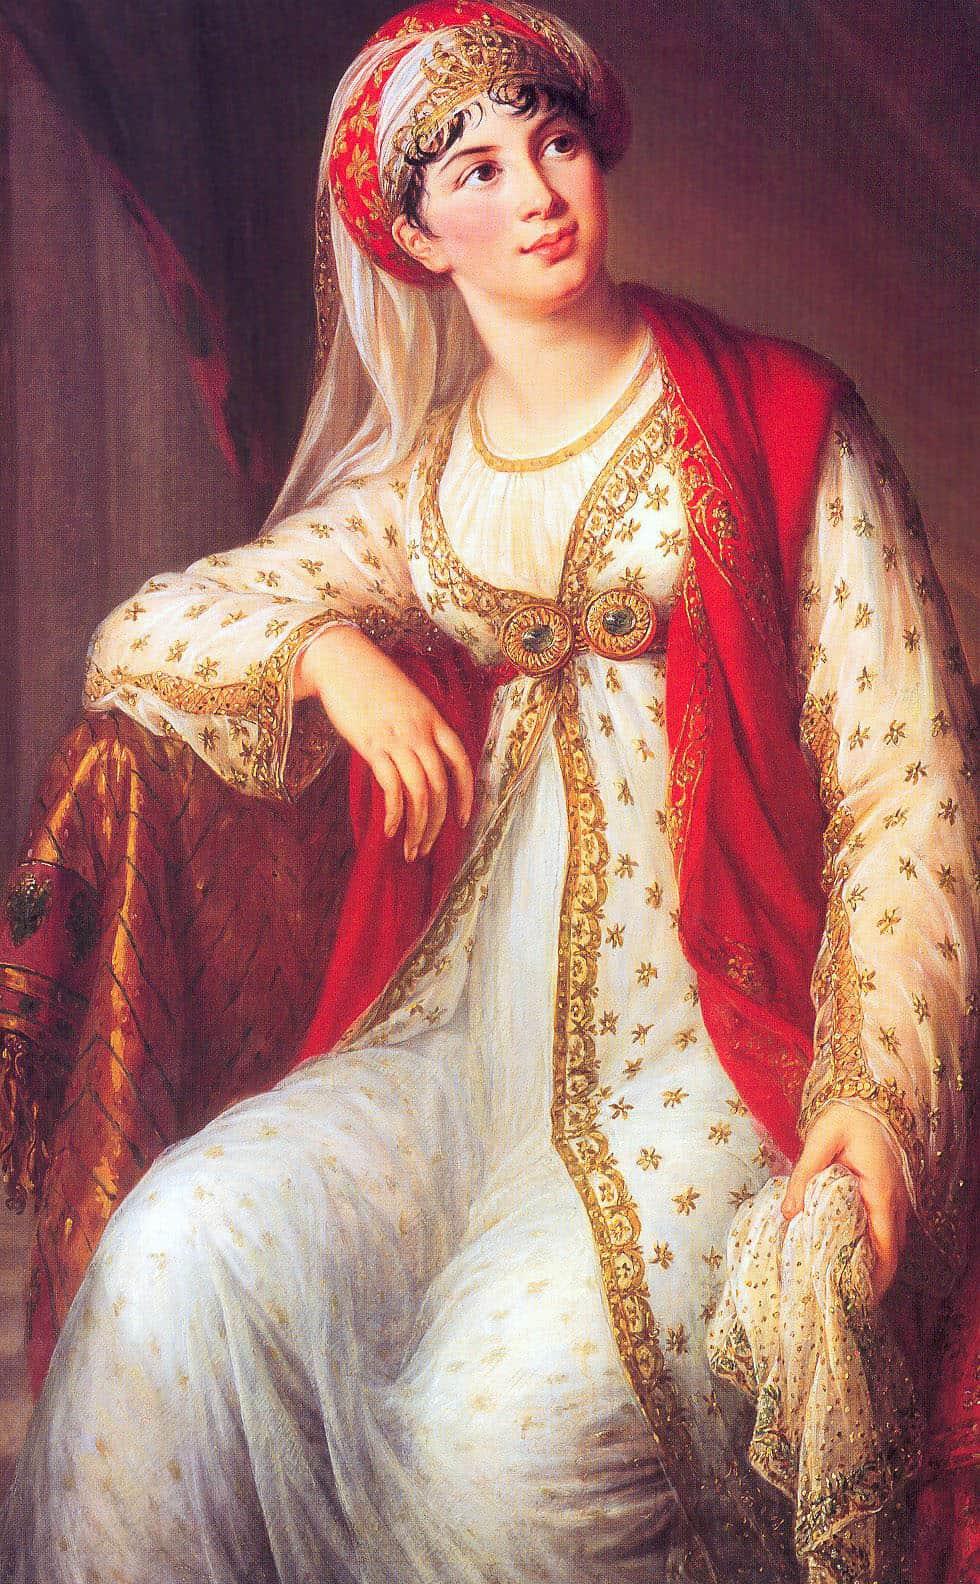 ז'וזפינה גרסיני. מקור תמונה ויקיפדיה.